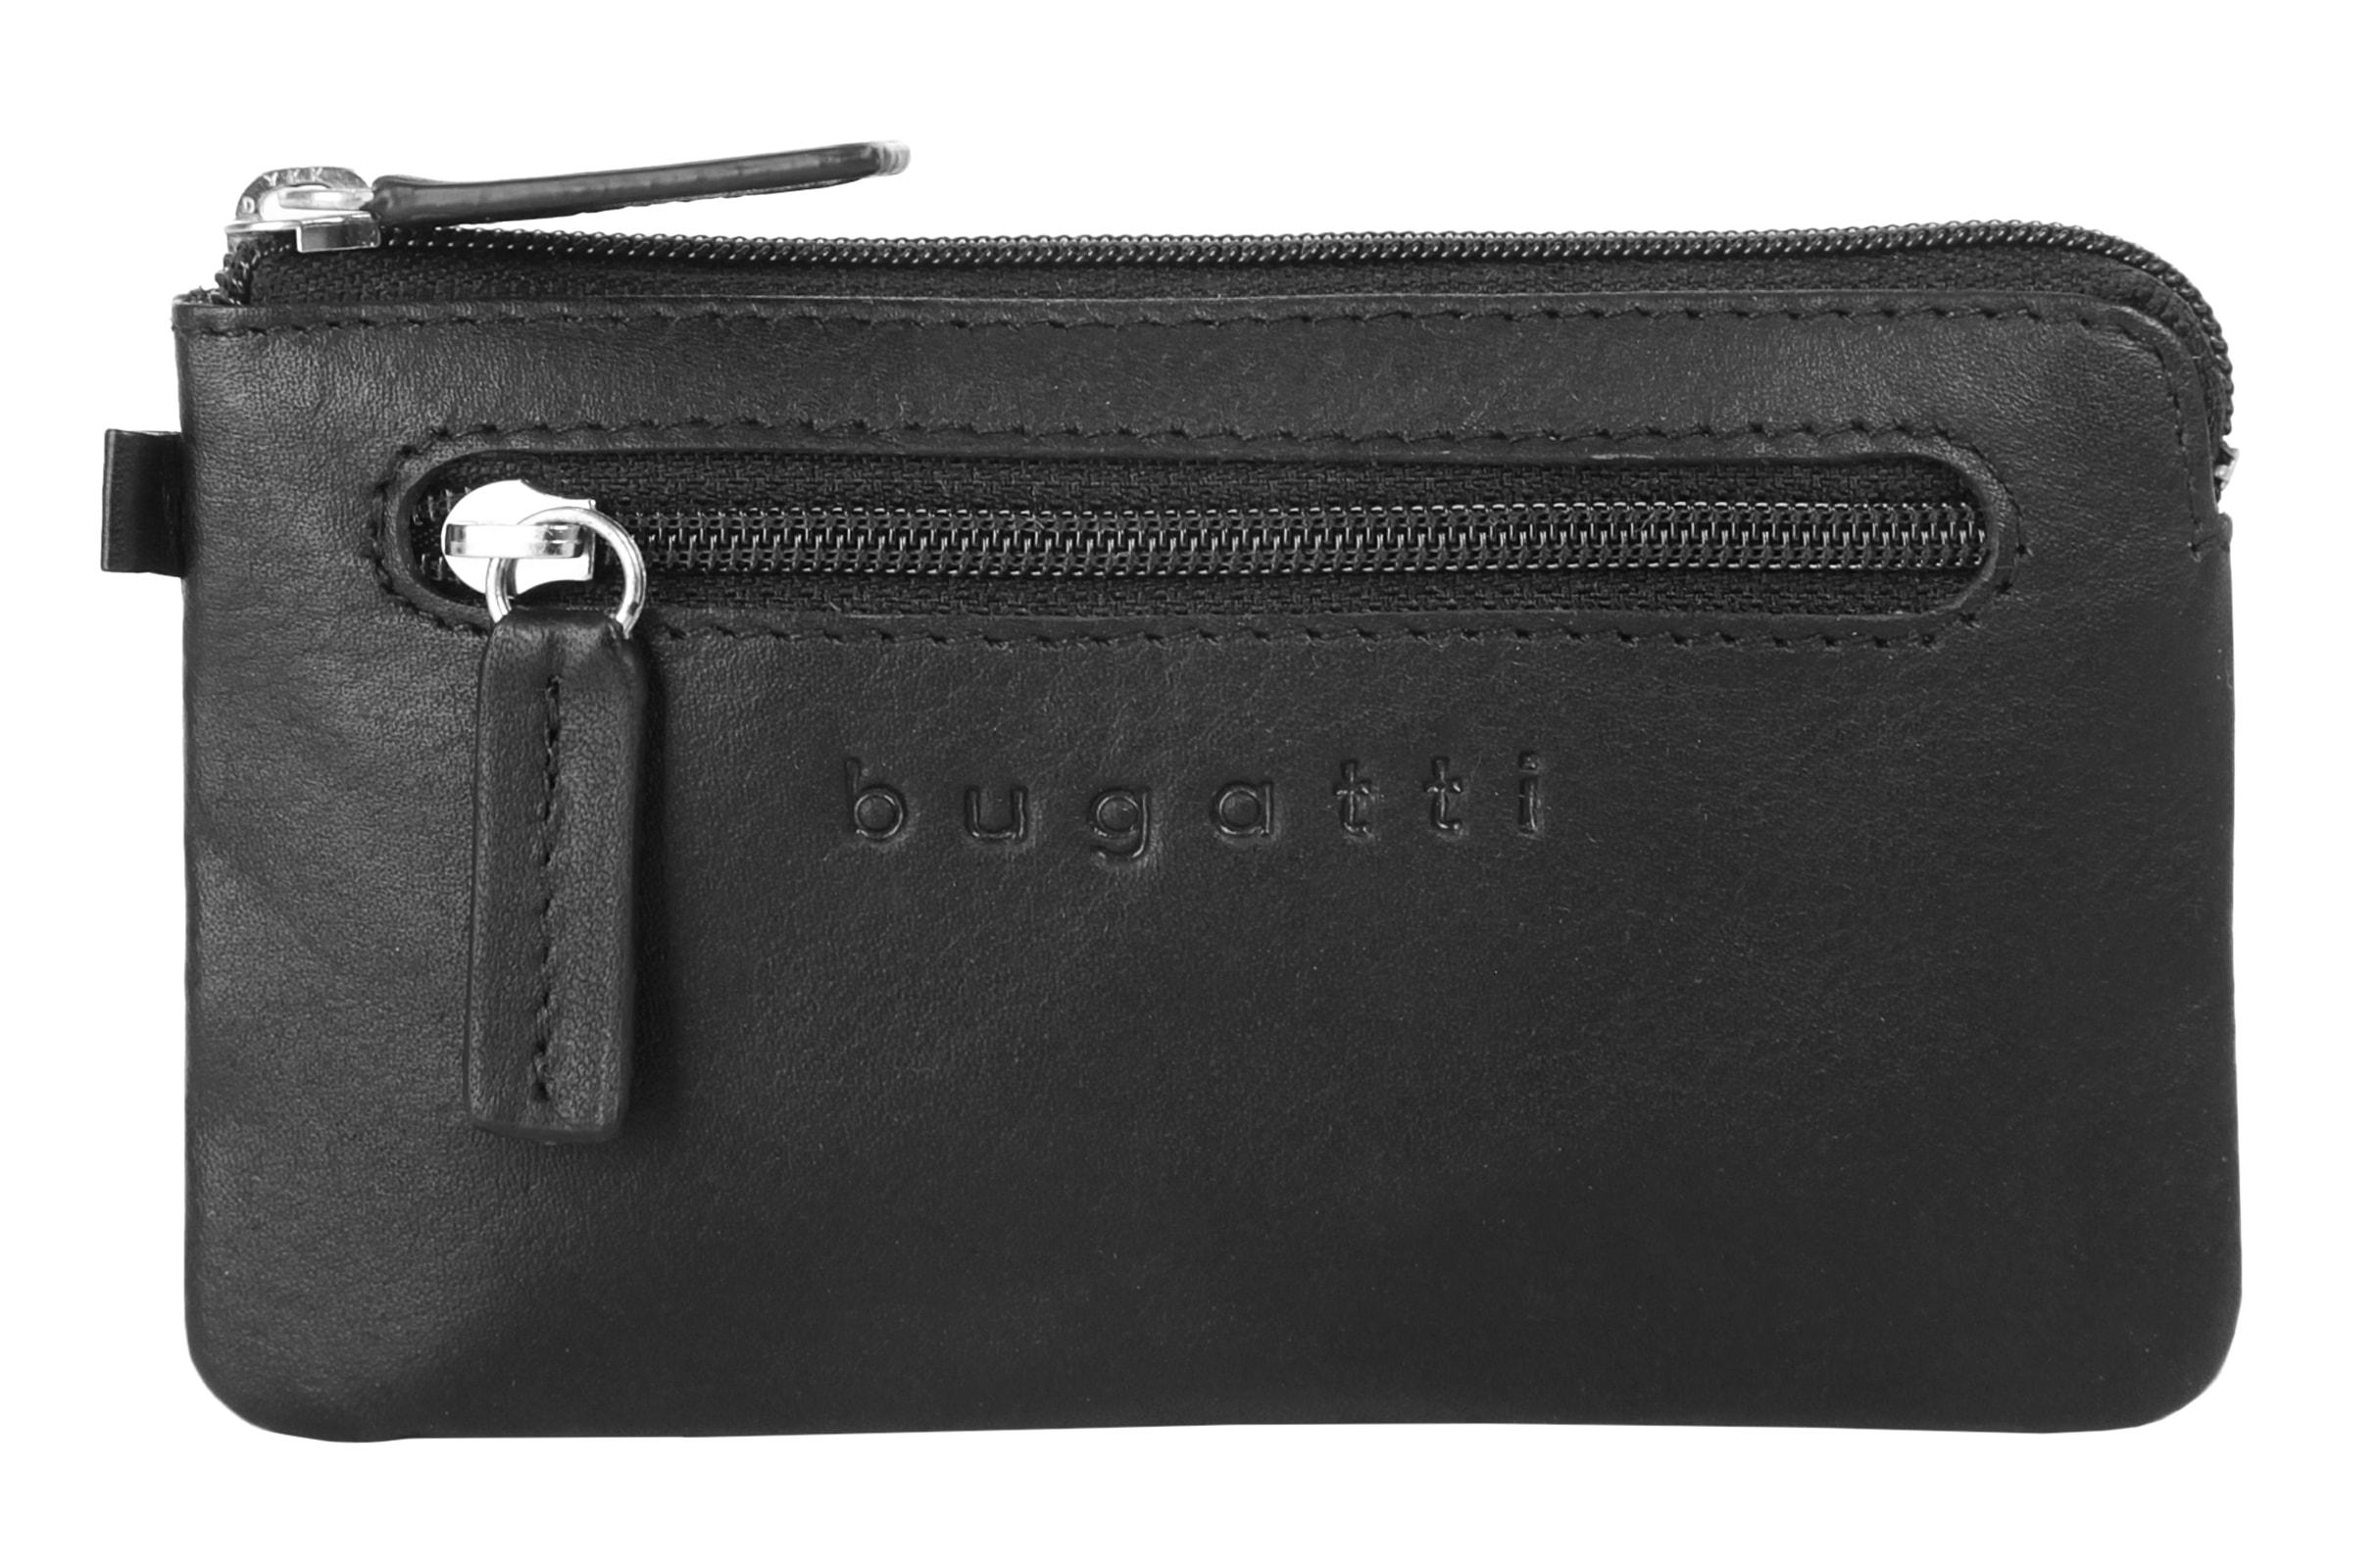 bugatti Schlüsseltasche PRIMO RFID | Accessoires > Portemonnaies > Schlüsseltaschen | Schwarz | Bugatti